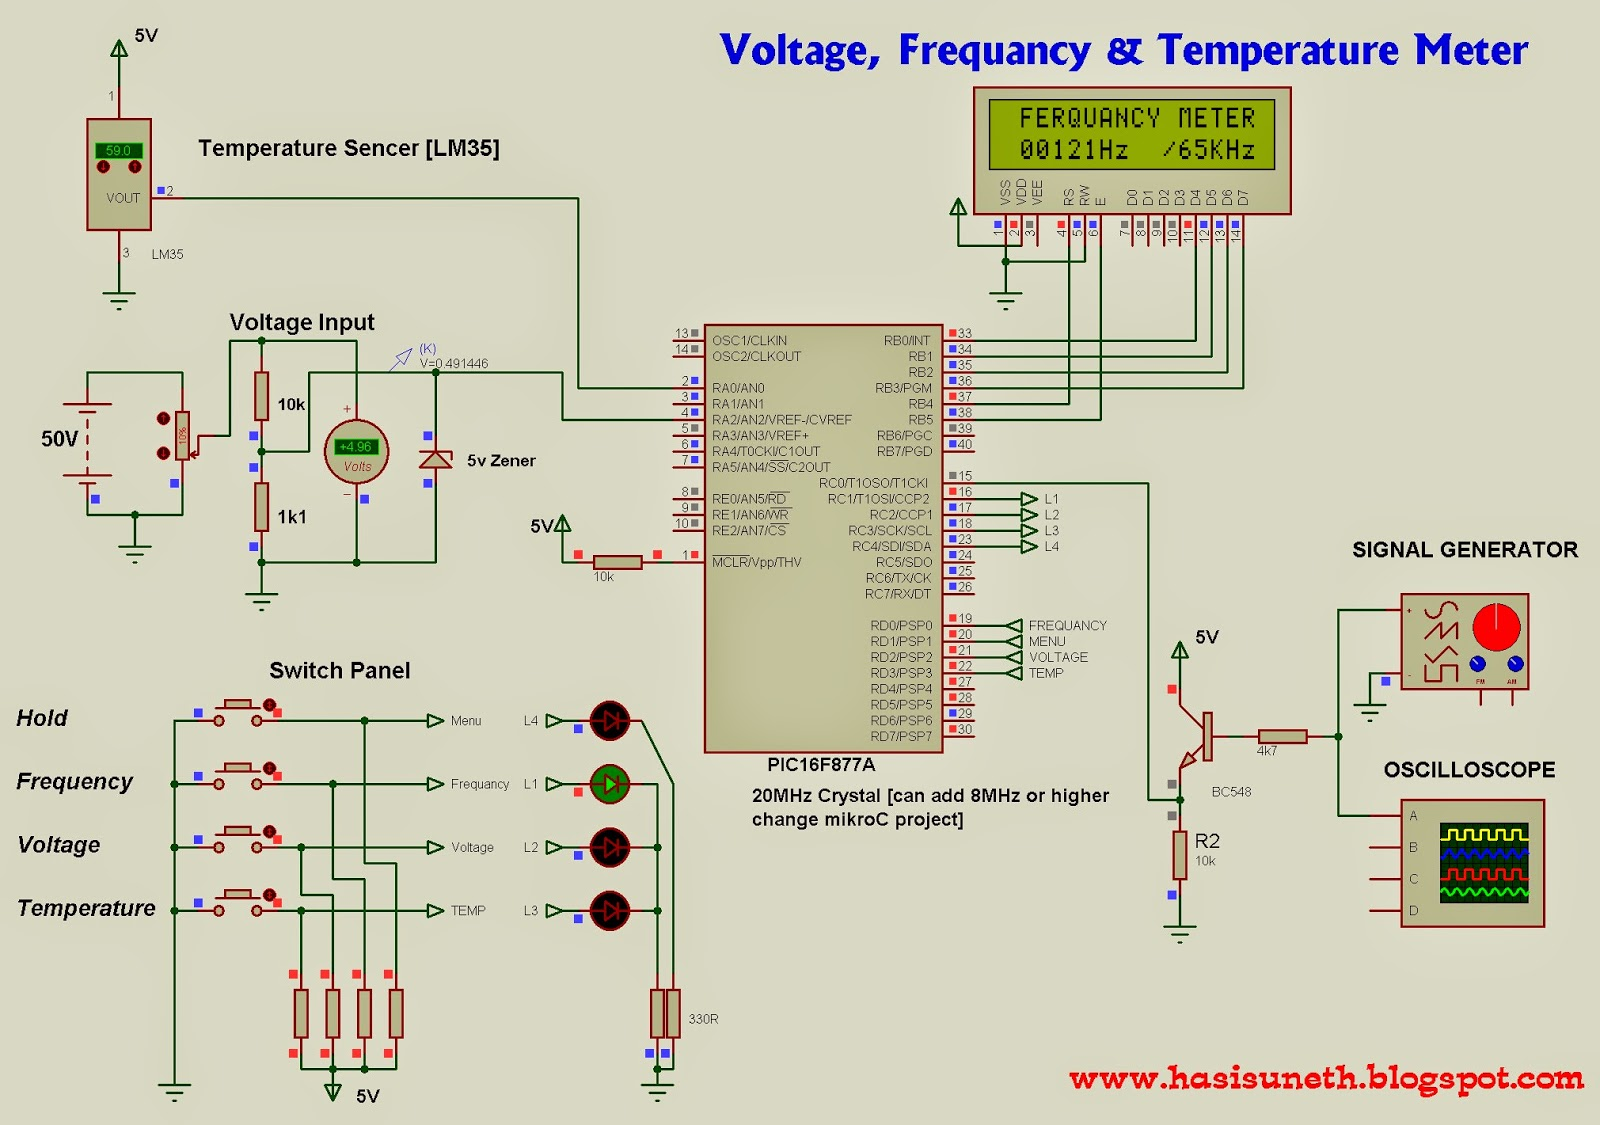 Future Dreams Voltage Temperature Frequency Meter Circuit